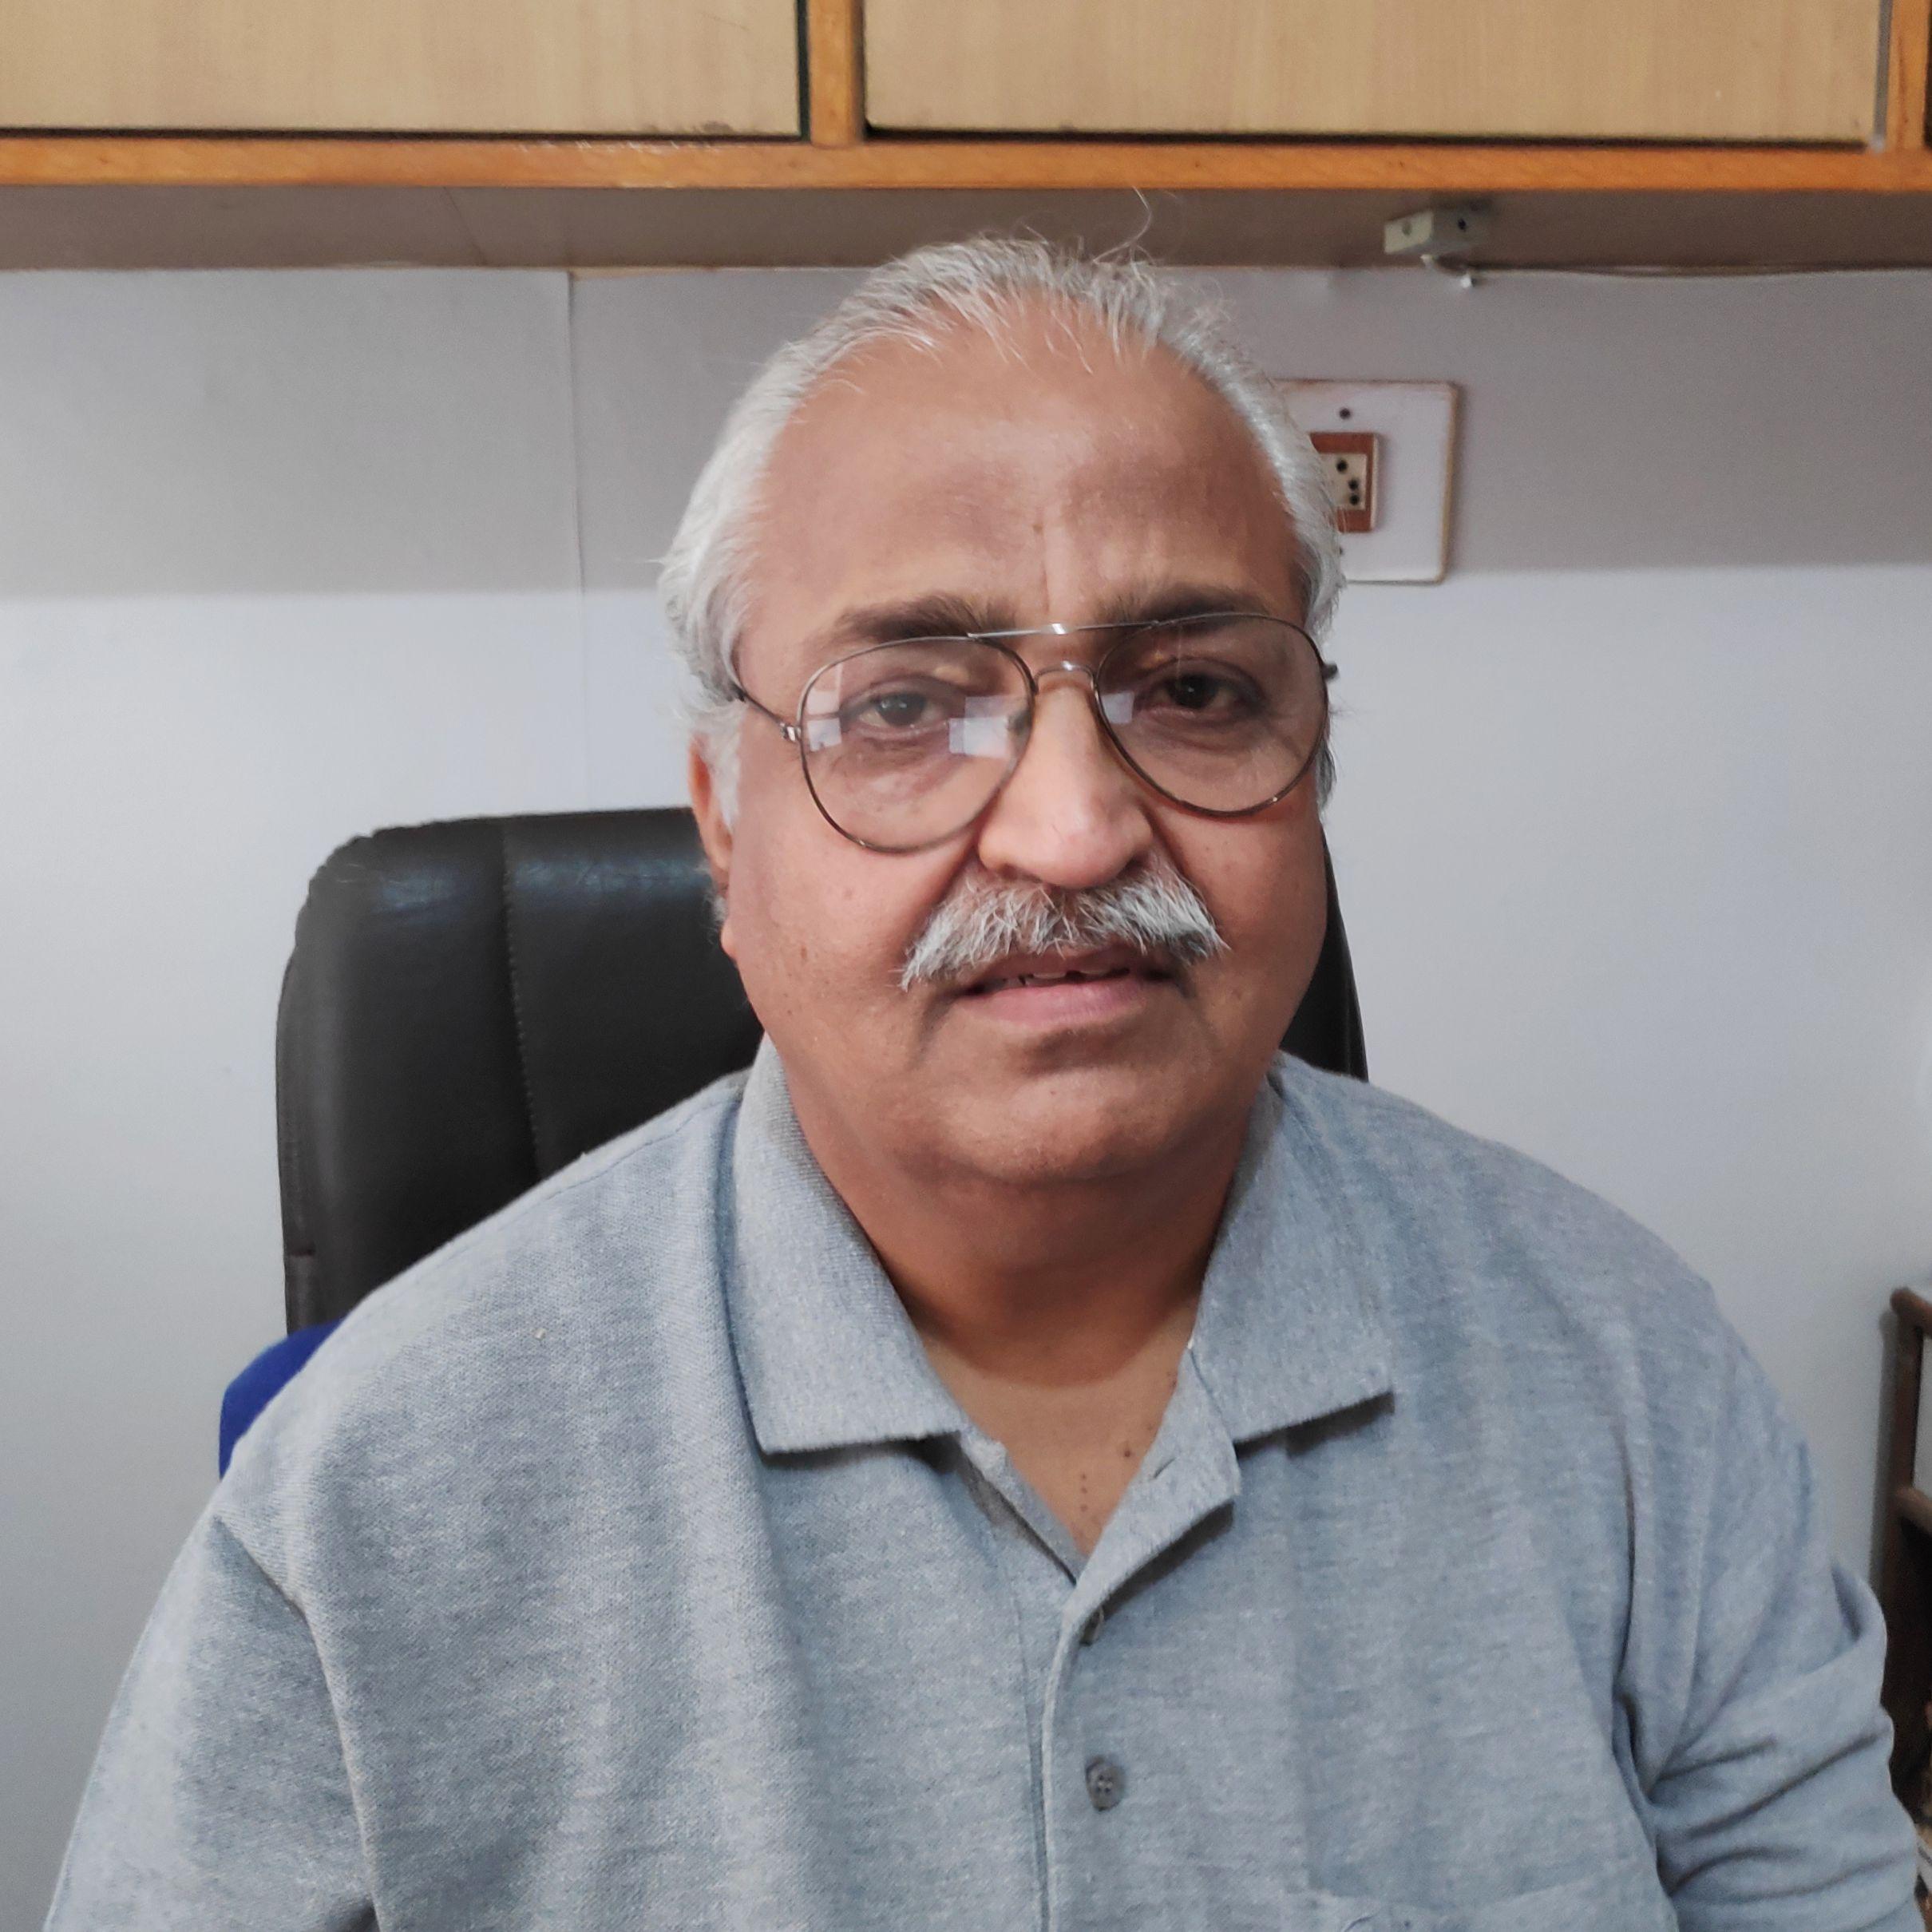 Prabhakar puri